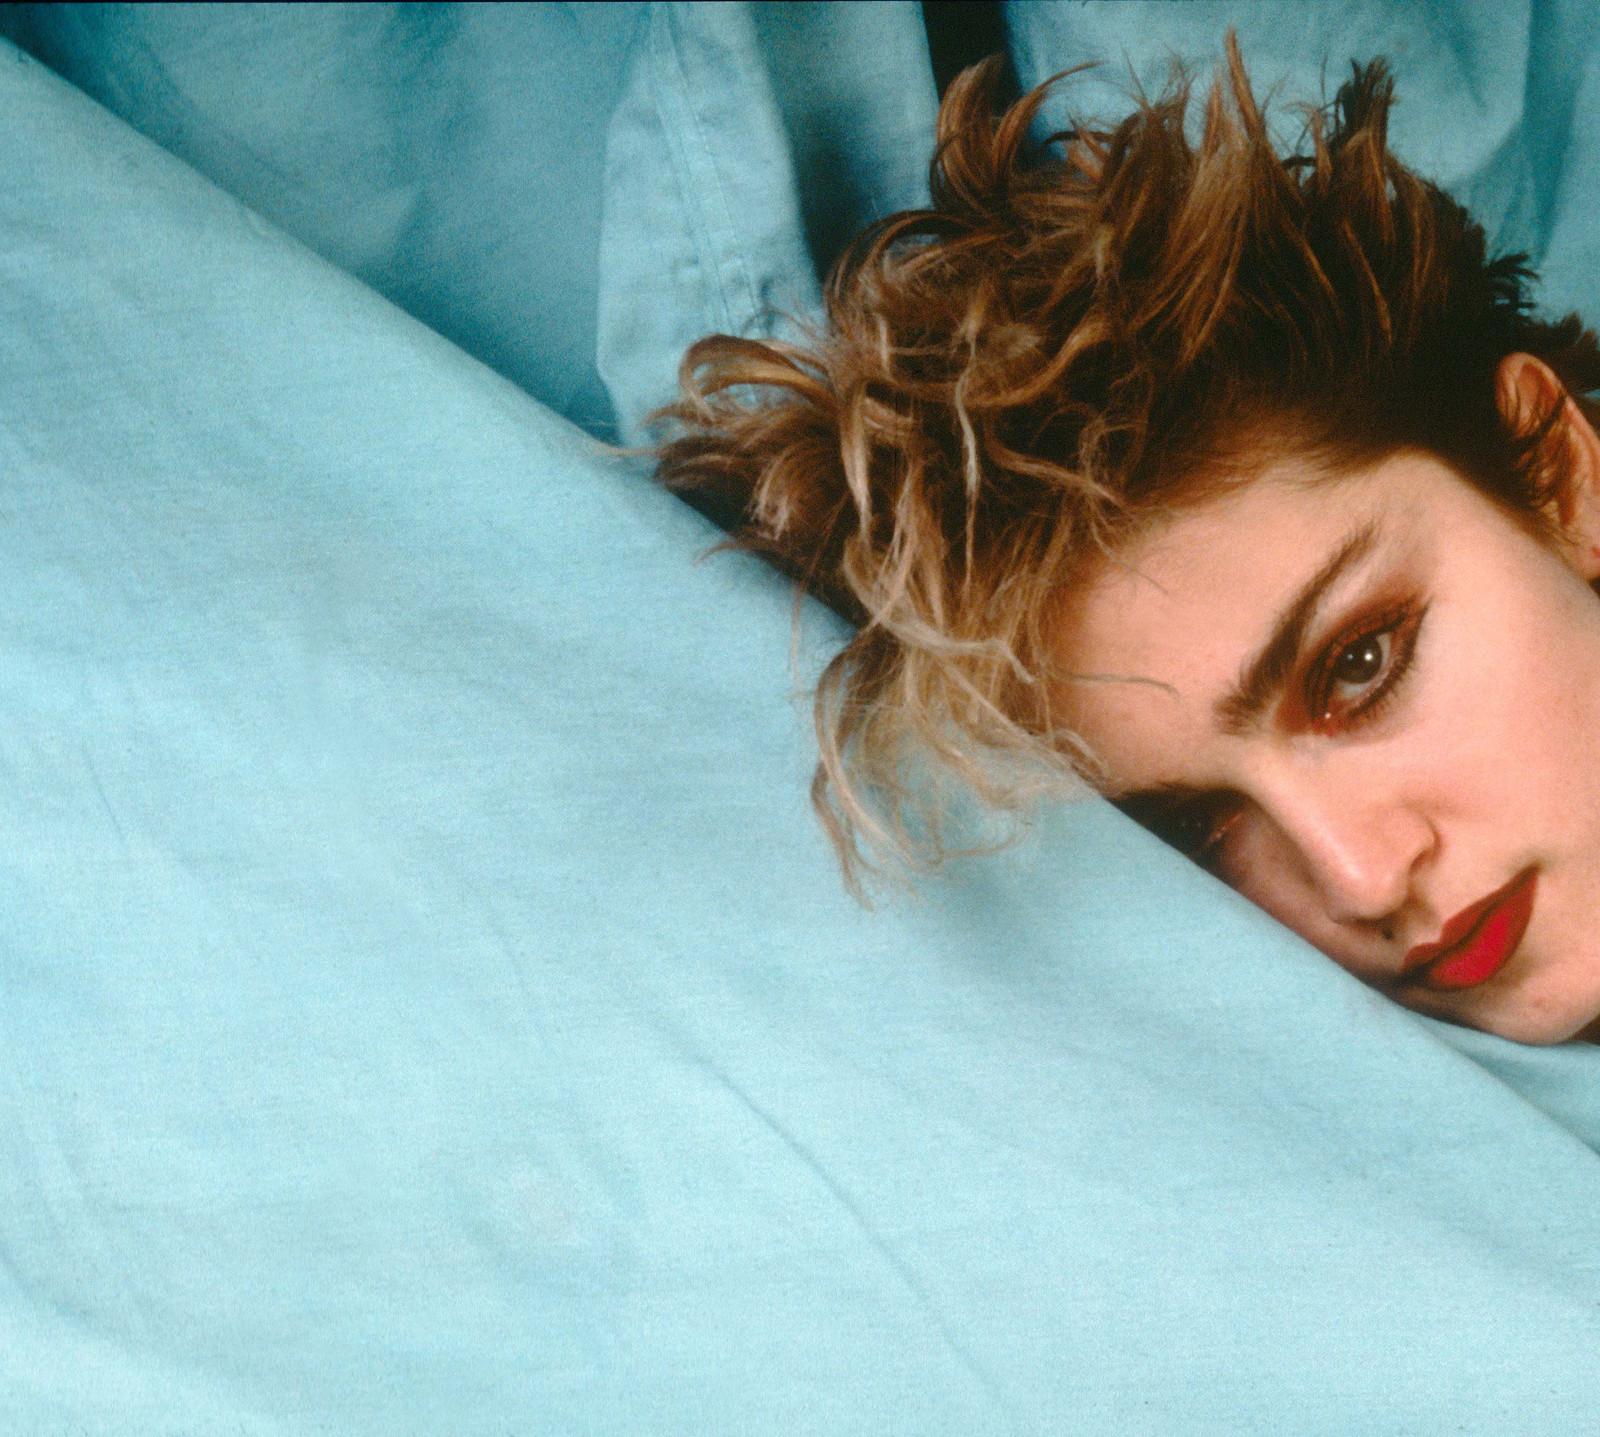 http://2.bp.blogspot.com/-OmPK6dXeceU/T3IhwKPh7yI/AAAAAAAAf5s/vVnKz-gZDcs/s1600/Madonna.JPG